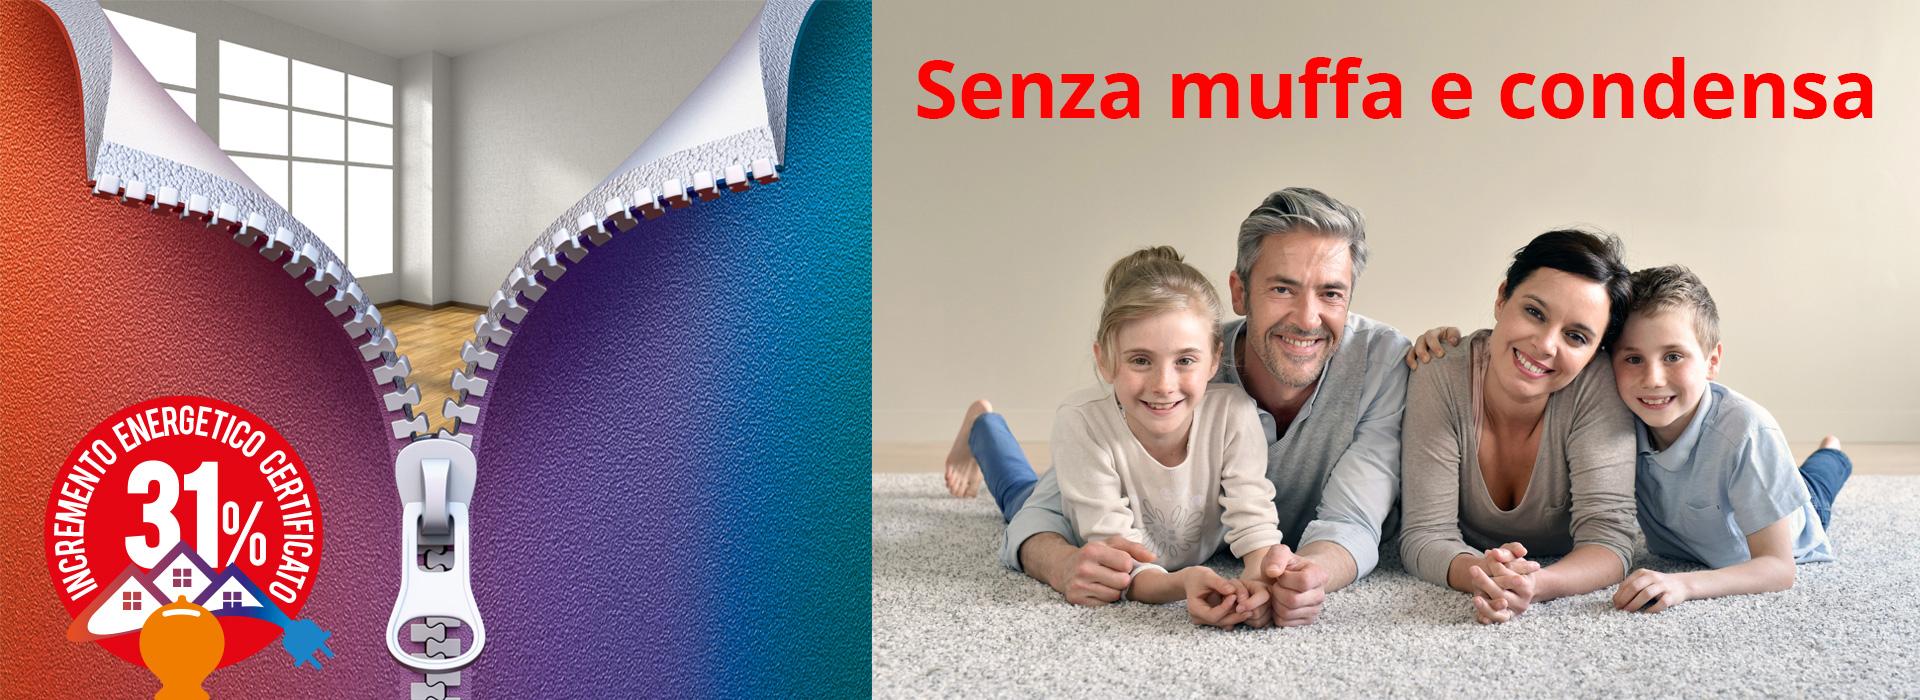 Colorificio giovanazzi domusthermik - Condensa in casa nuova costruzione ...